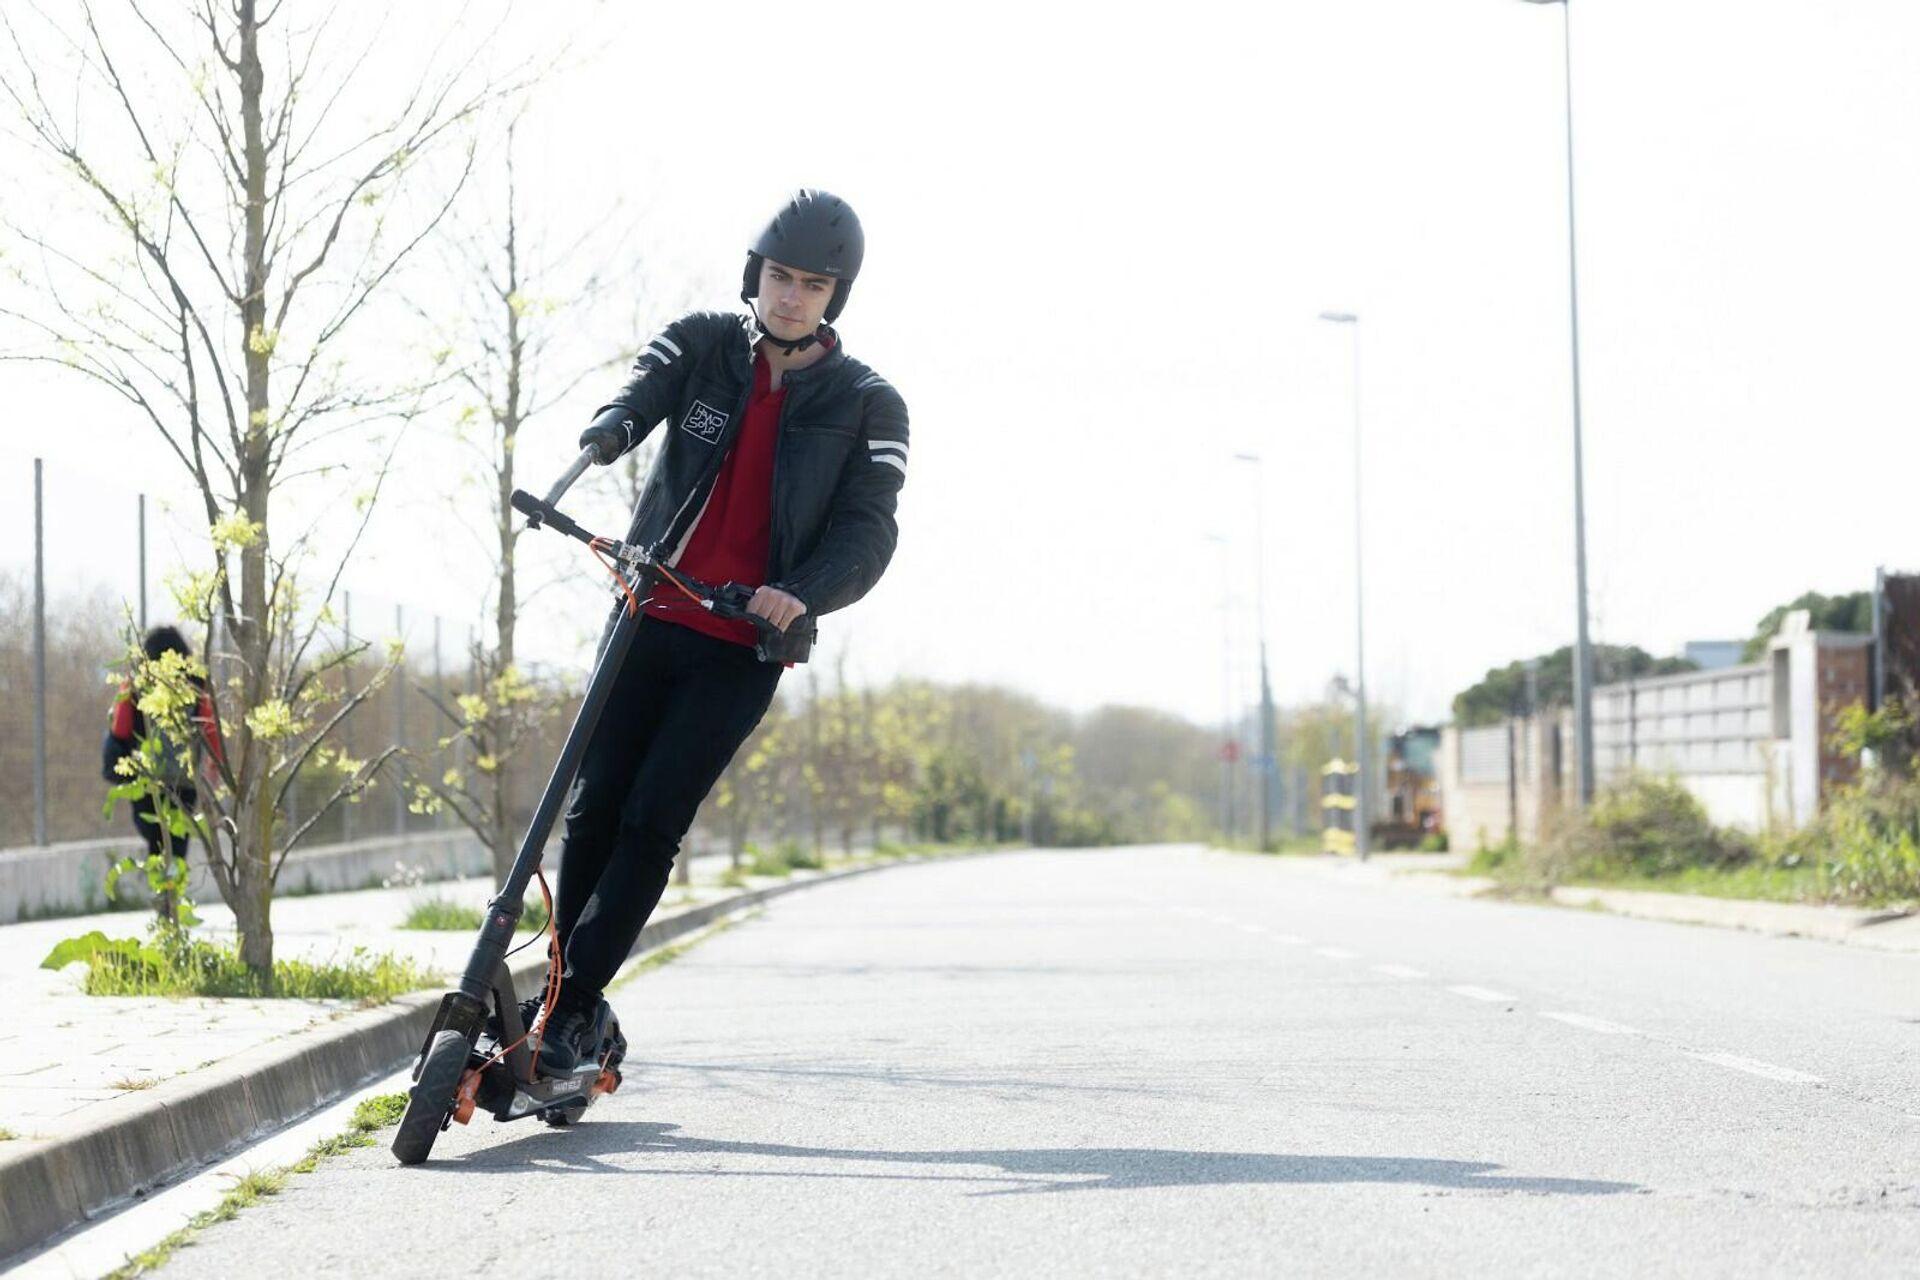 David Aguilar sobre su patinete eléctrico adaptado de la marca Inokim, que esponsoriza al joven - Sputnik Mundo, 1920, 28.09.2021